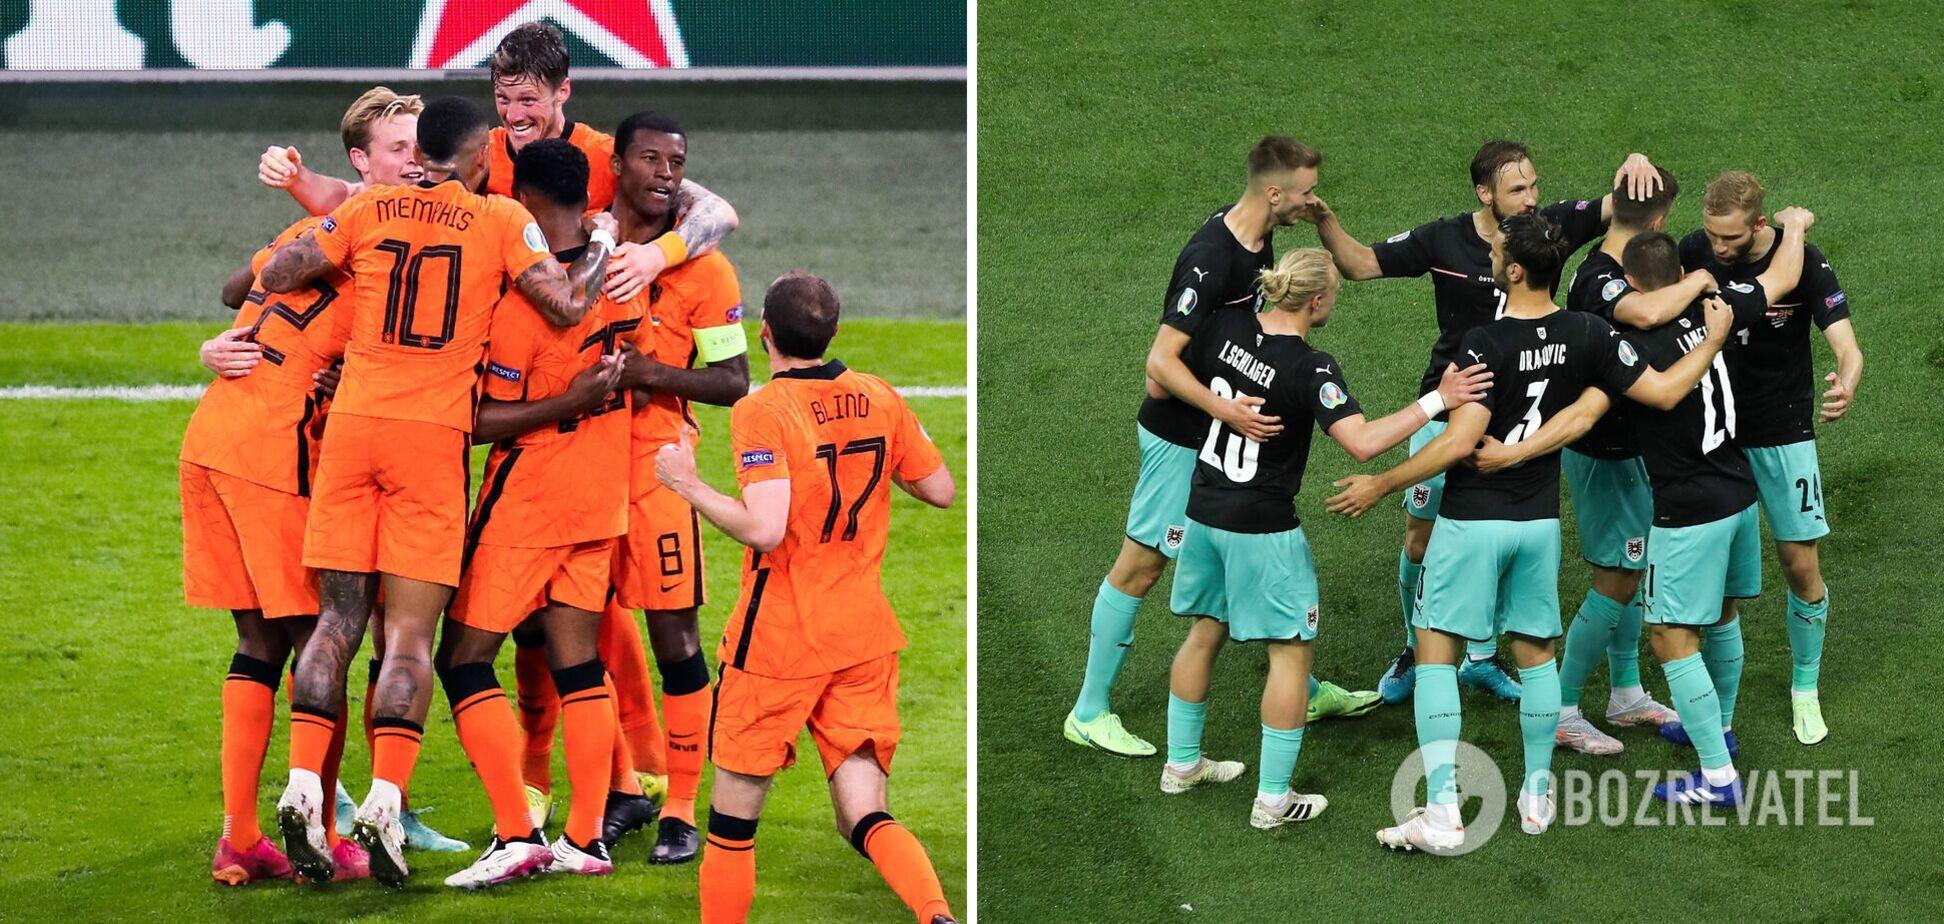 Нідерланди грають проти Австрії в Амстердамі